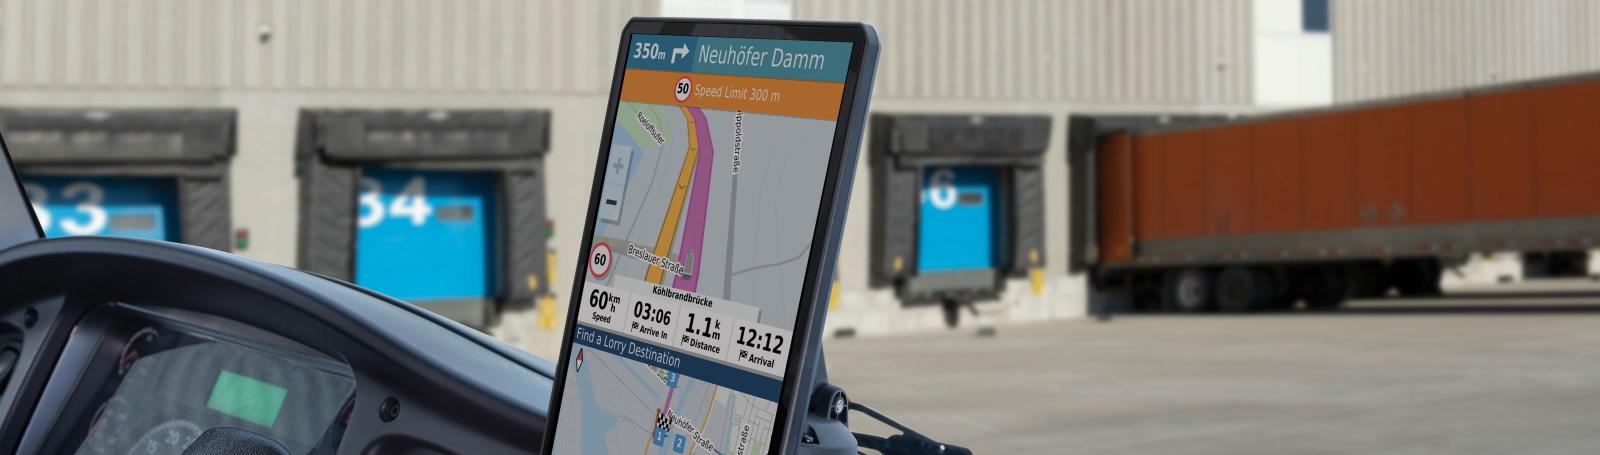 Garmin dēzl™ LGV800 - Test & avis - Mon GPS Avis.fr